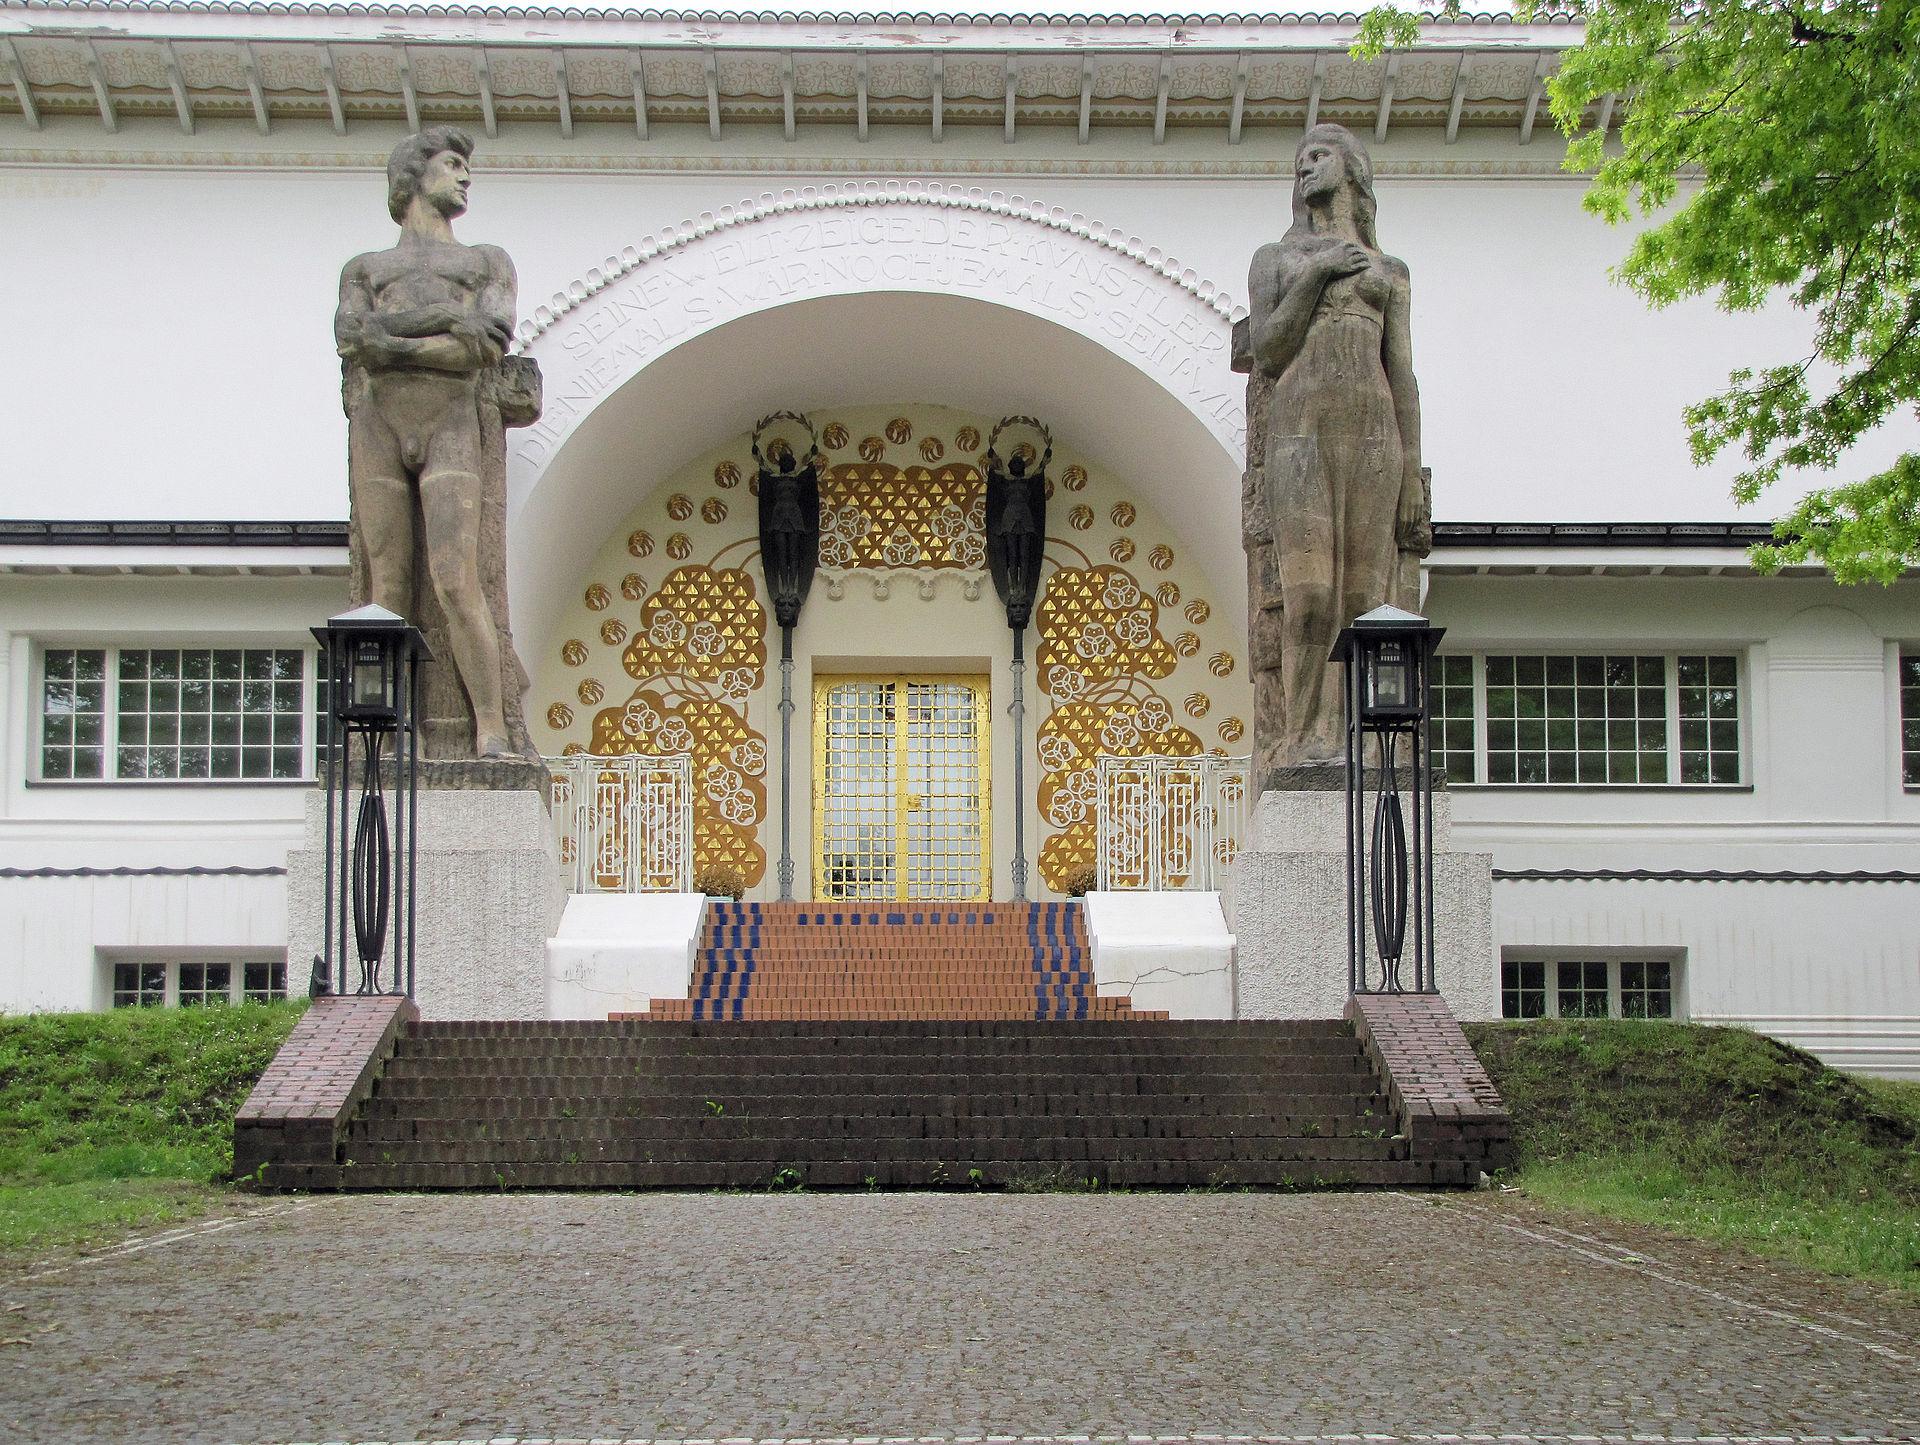 La Maison Saarlouis Hotel